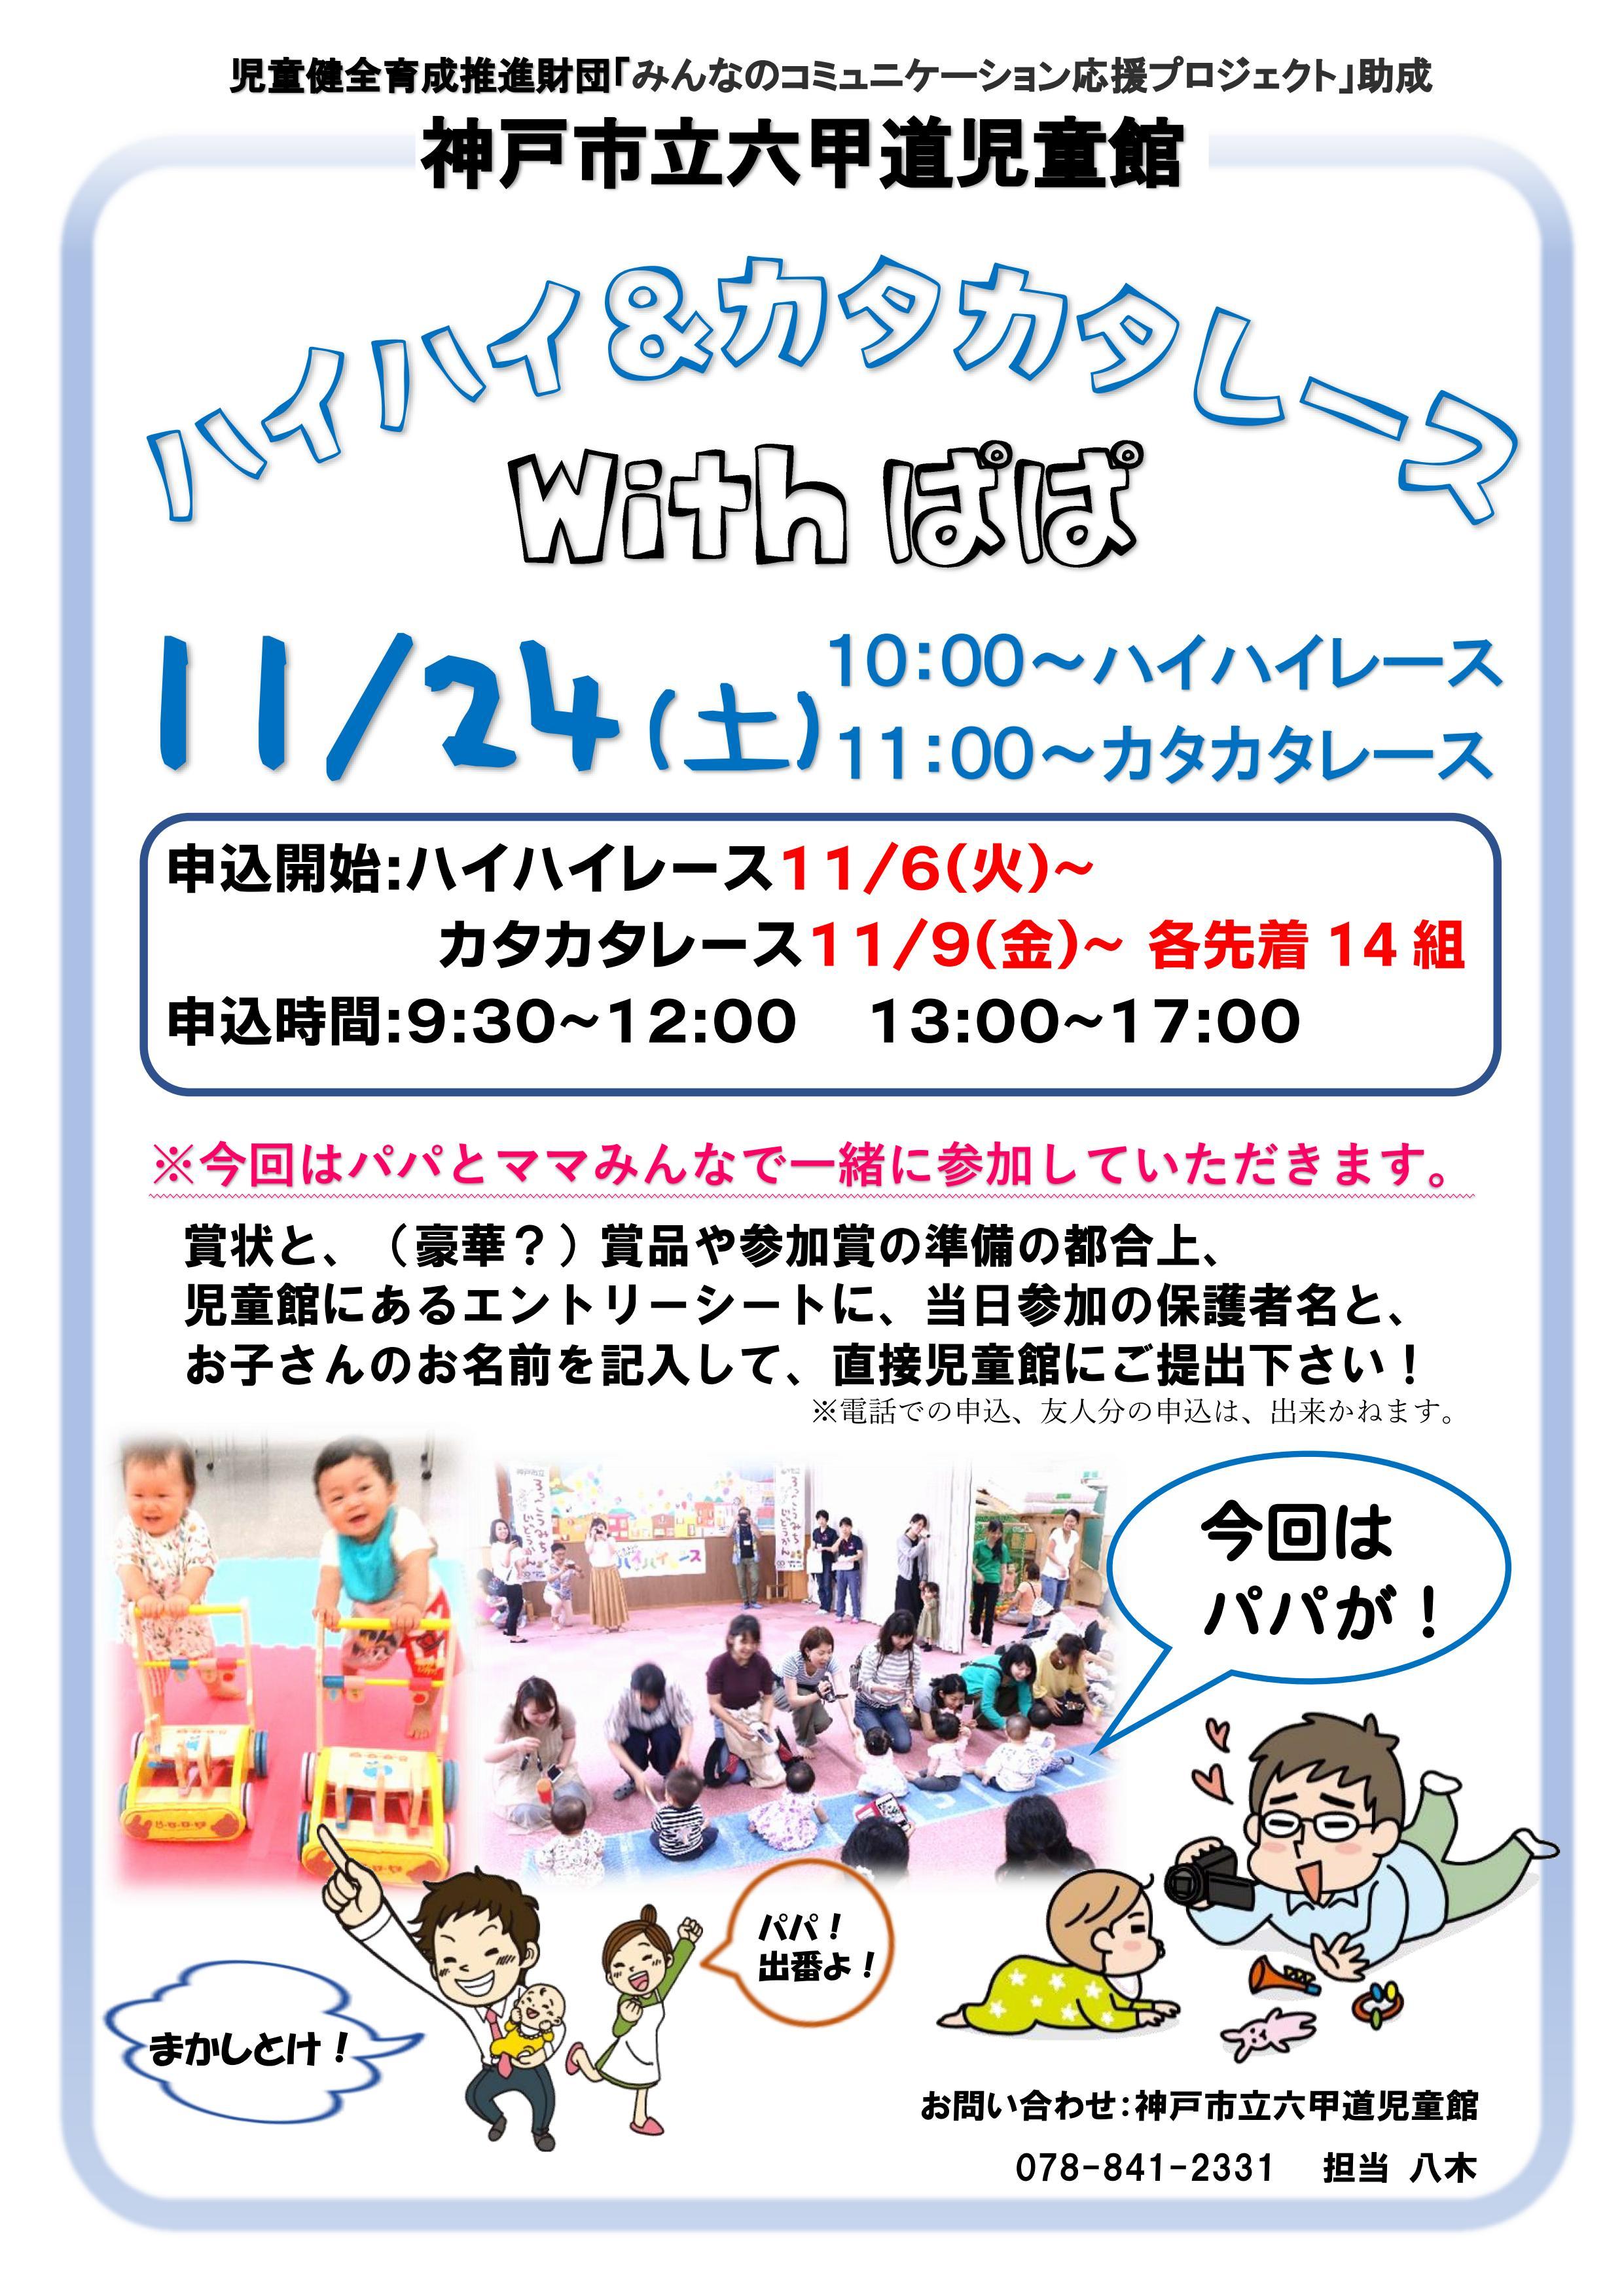 神戸市立六甲道児童館「ハイハイカタカタレース」詳細です!